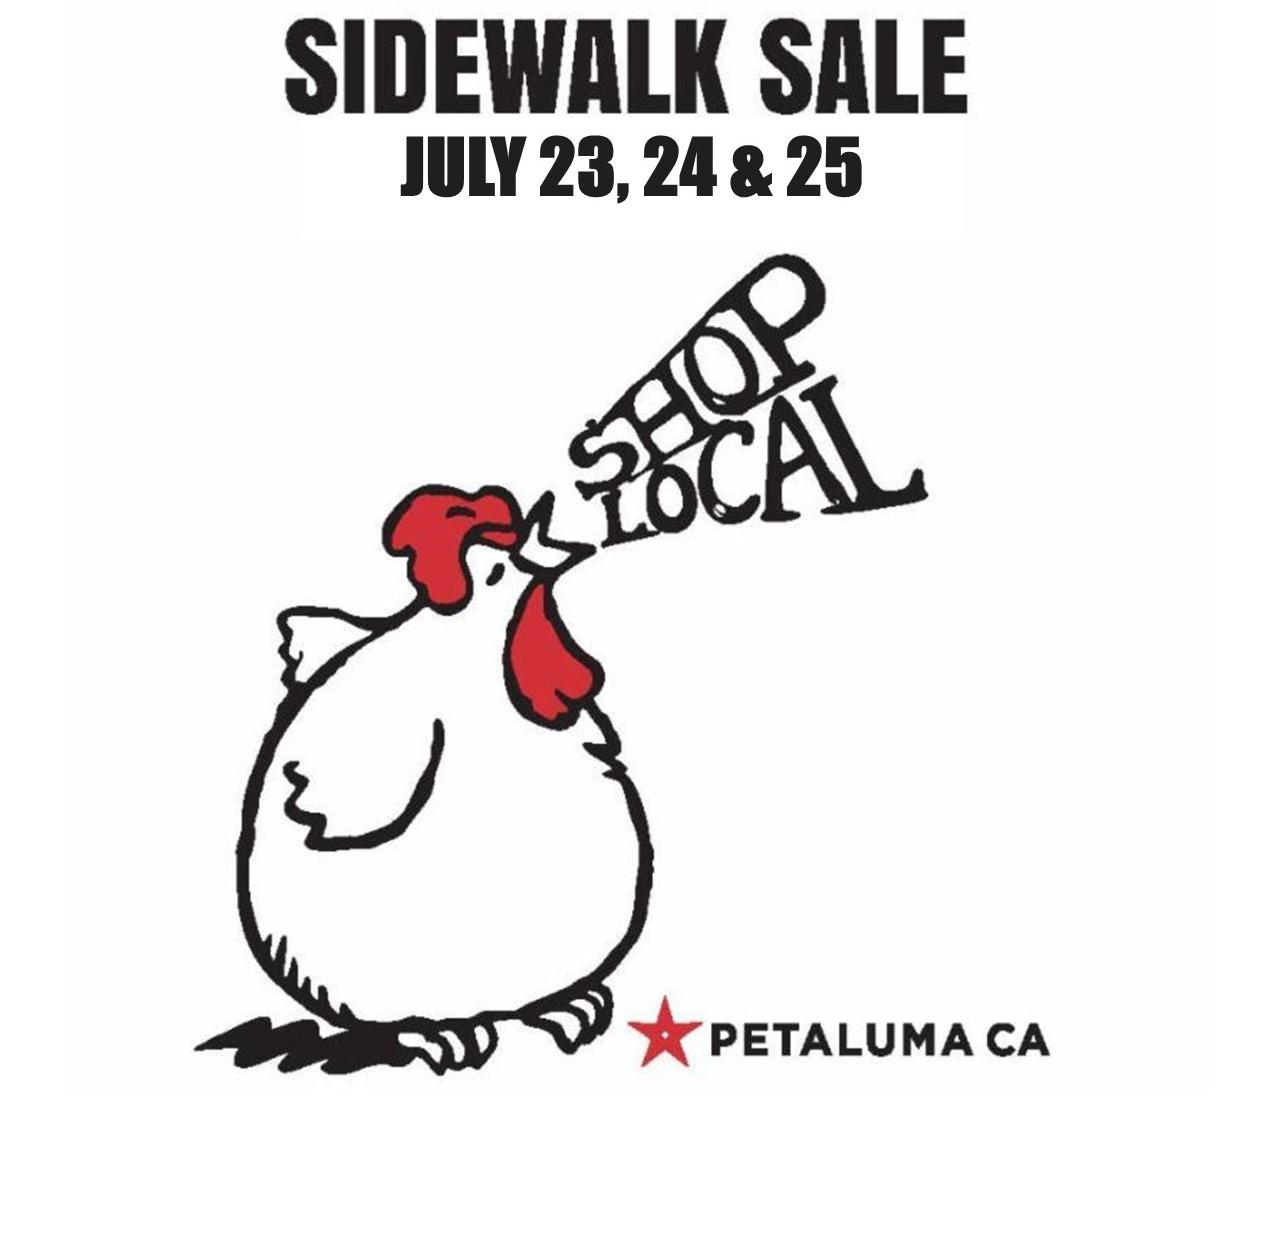 https://0201.nccdn.net/1_2/000/000/095/019/sidewalk-sale.png